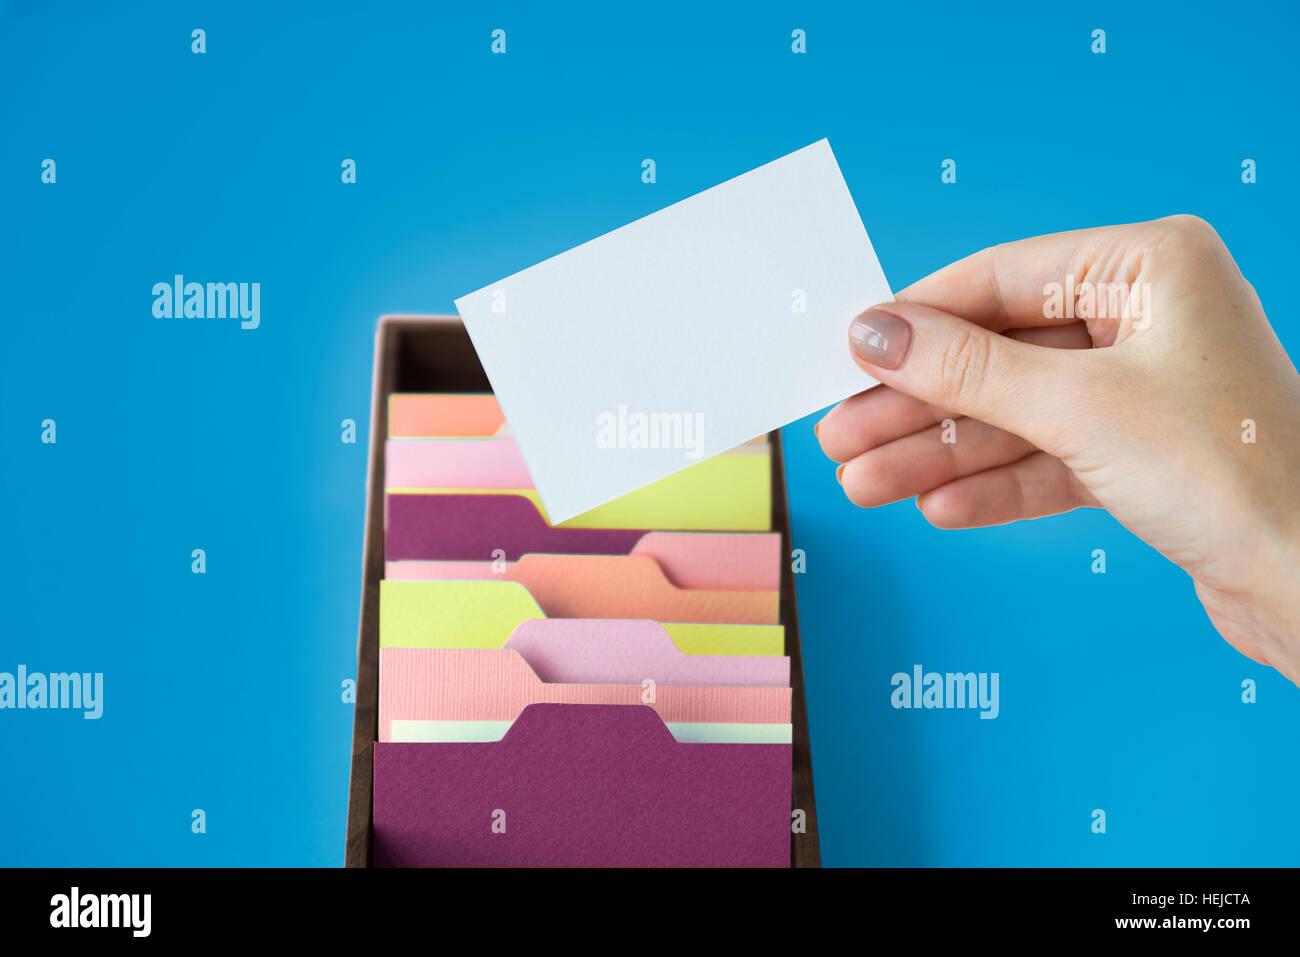 Storage di archivio di amministrazione di backup il concetto di memoria Immagini Stock